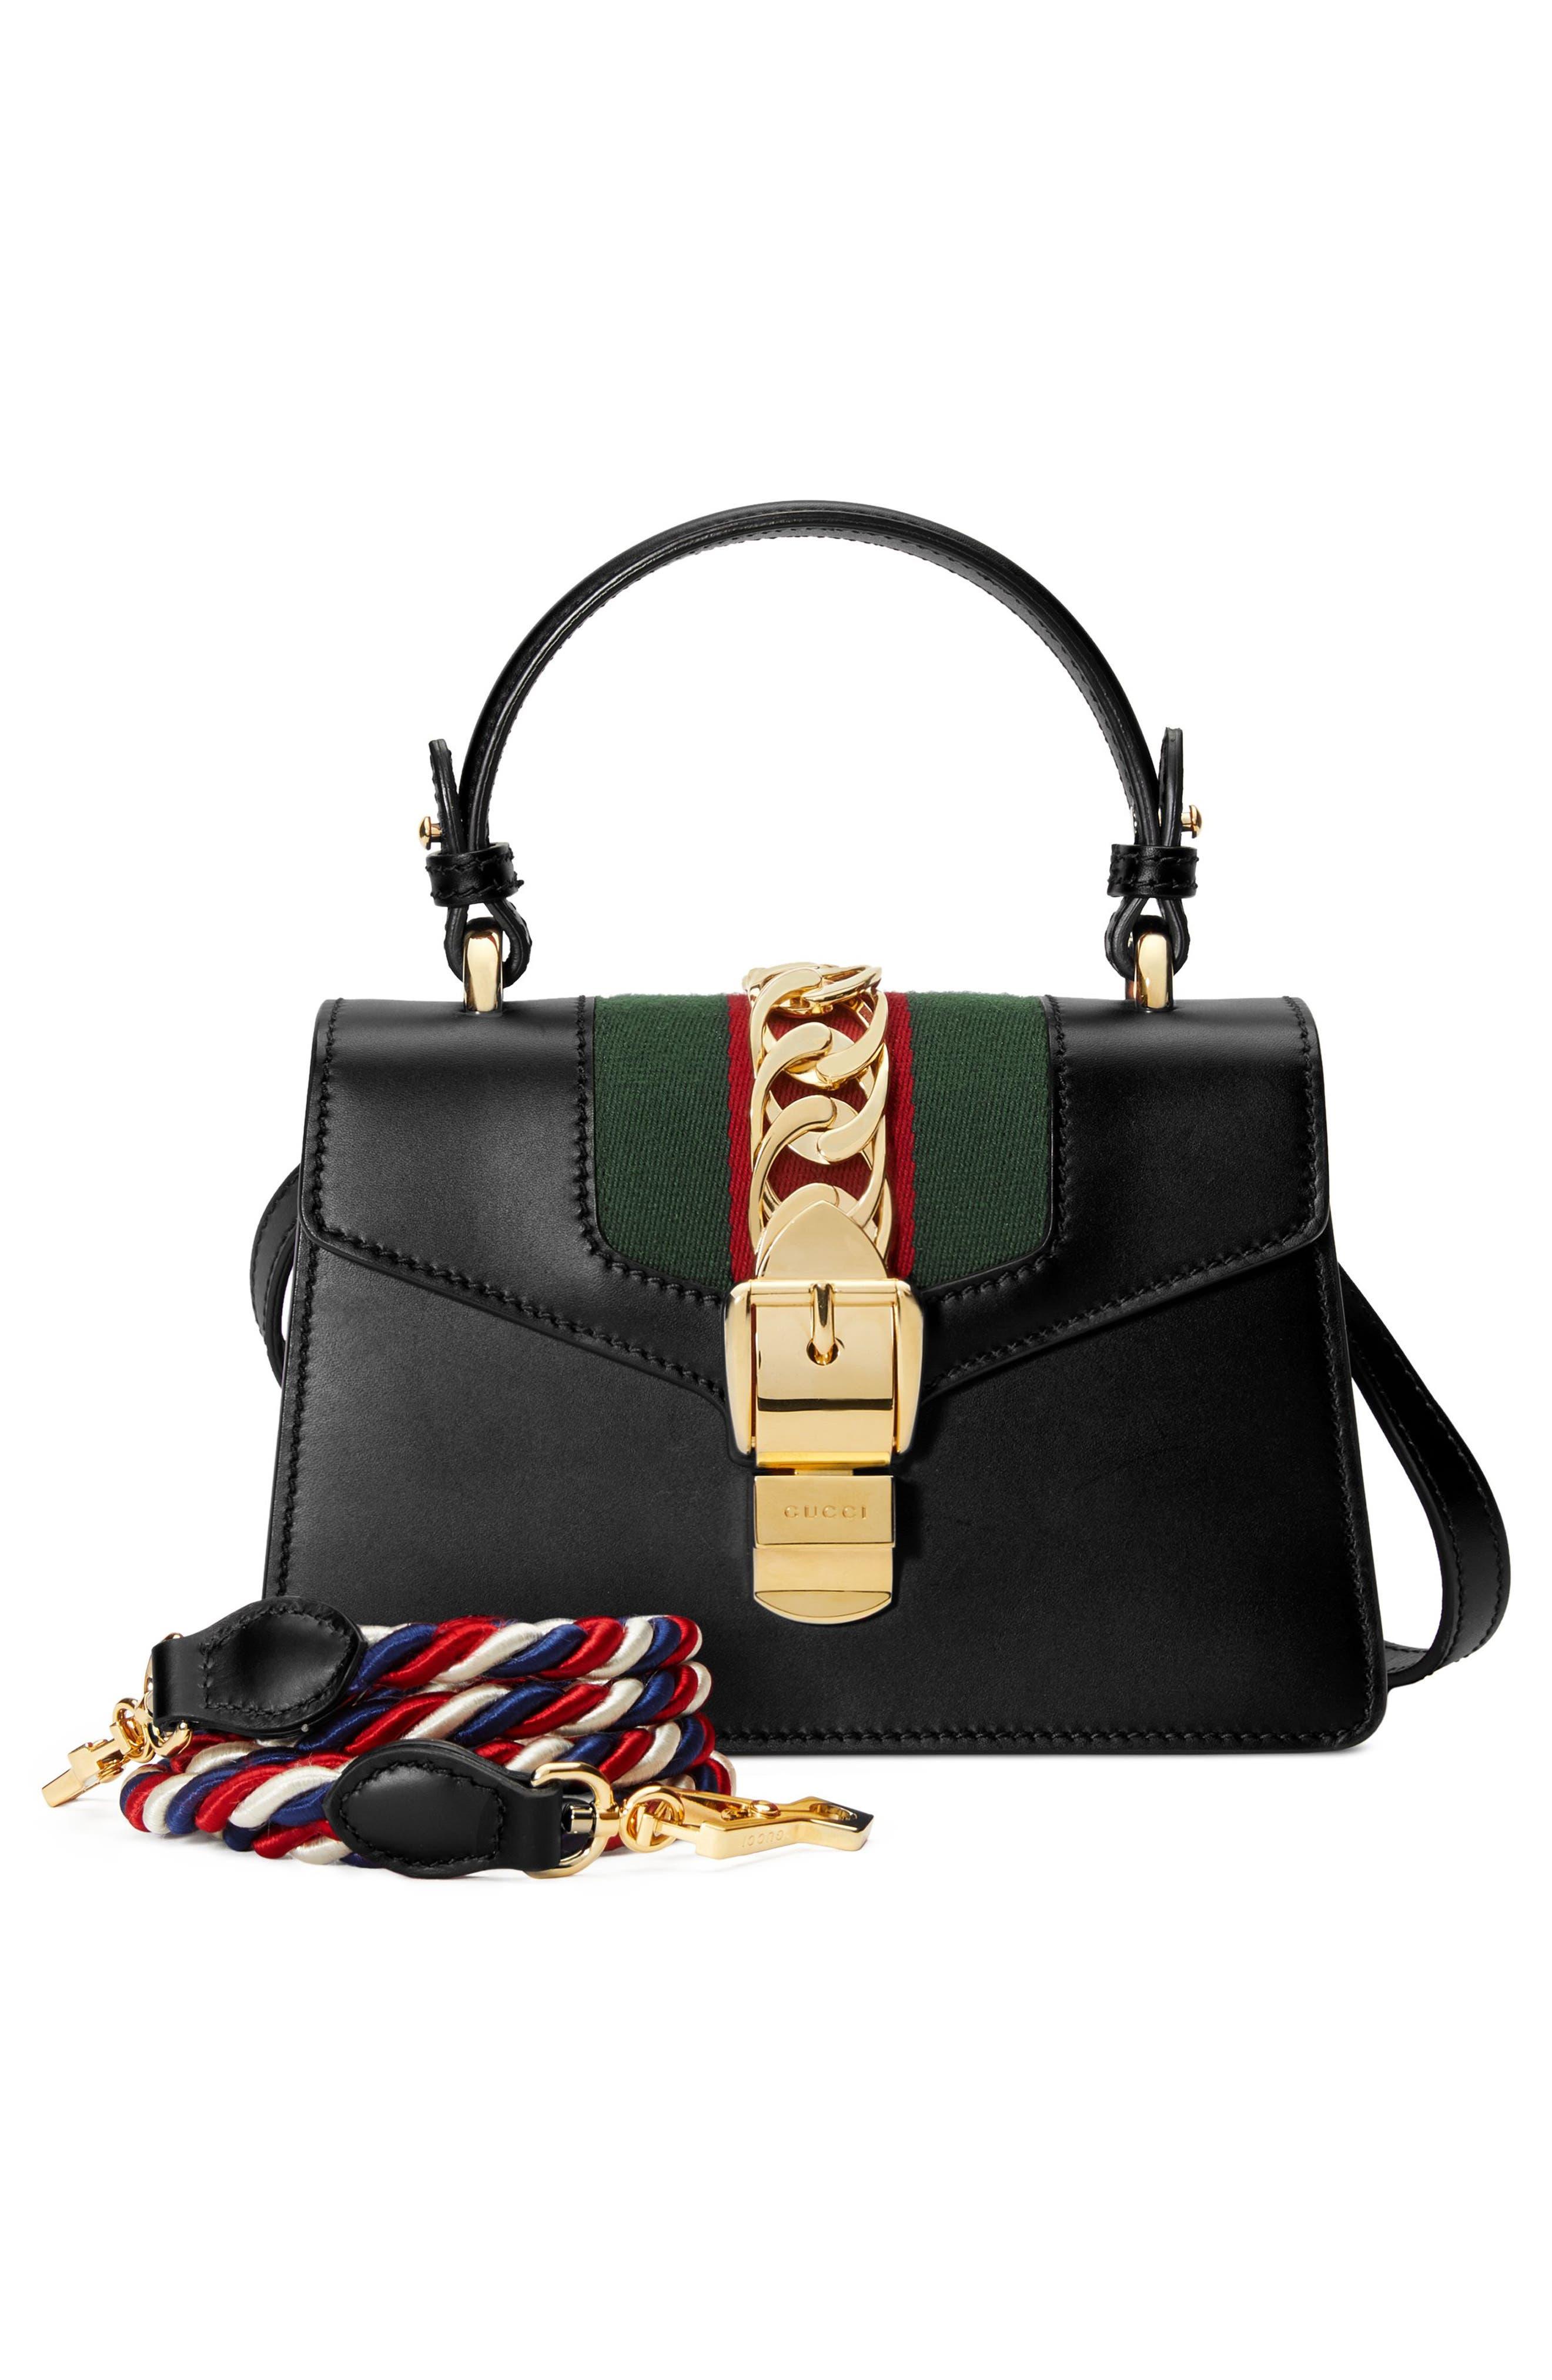 Mini Sylvie Top Handle Leather Shoulder Bag,                             Alternate thumbnail 6, color,                             8639 NERO/VRV